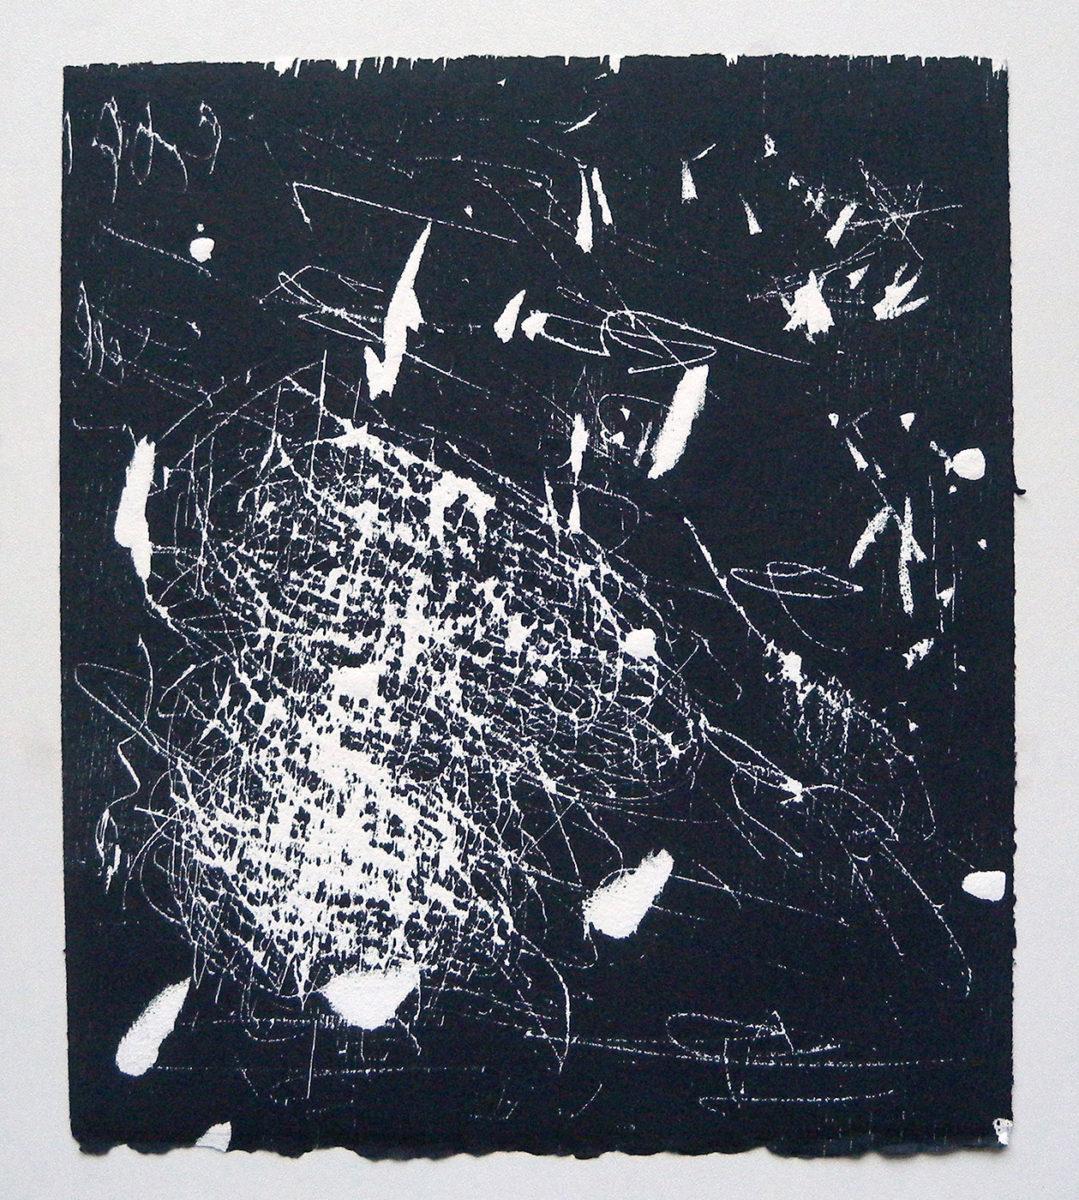 MARC FELD 2012 SONG FOR STEVE LACY 14 Gravure sur bois encre sur papier 25 x 26 cm (Tirage Patrick Vernet)